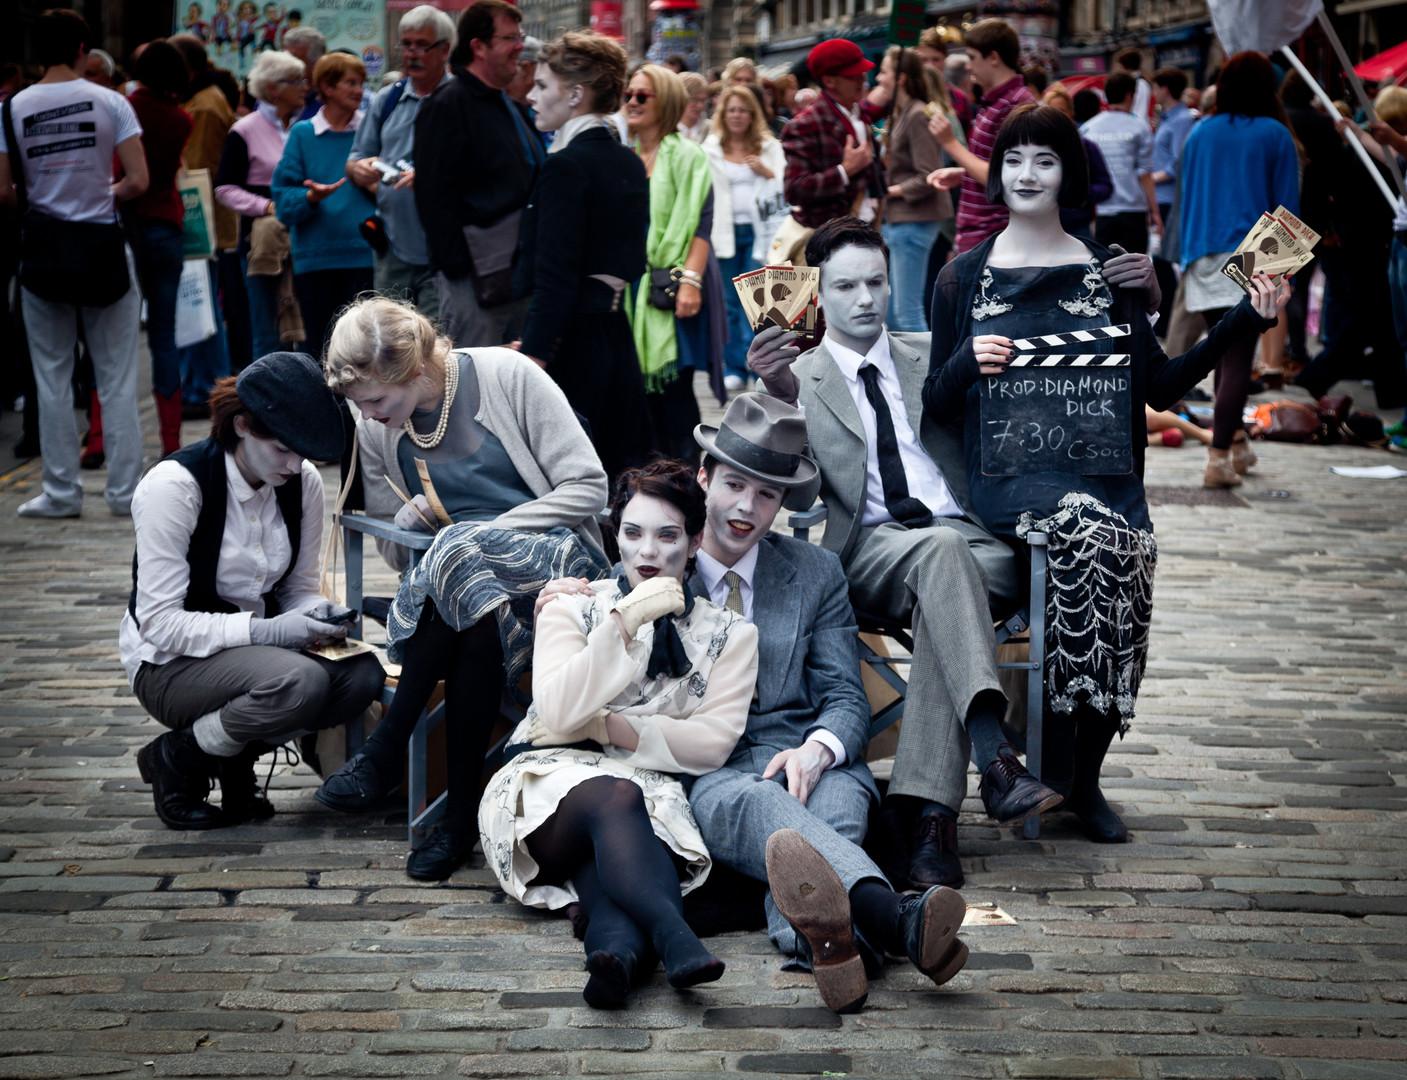 street-performers-870127.jpg